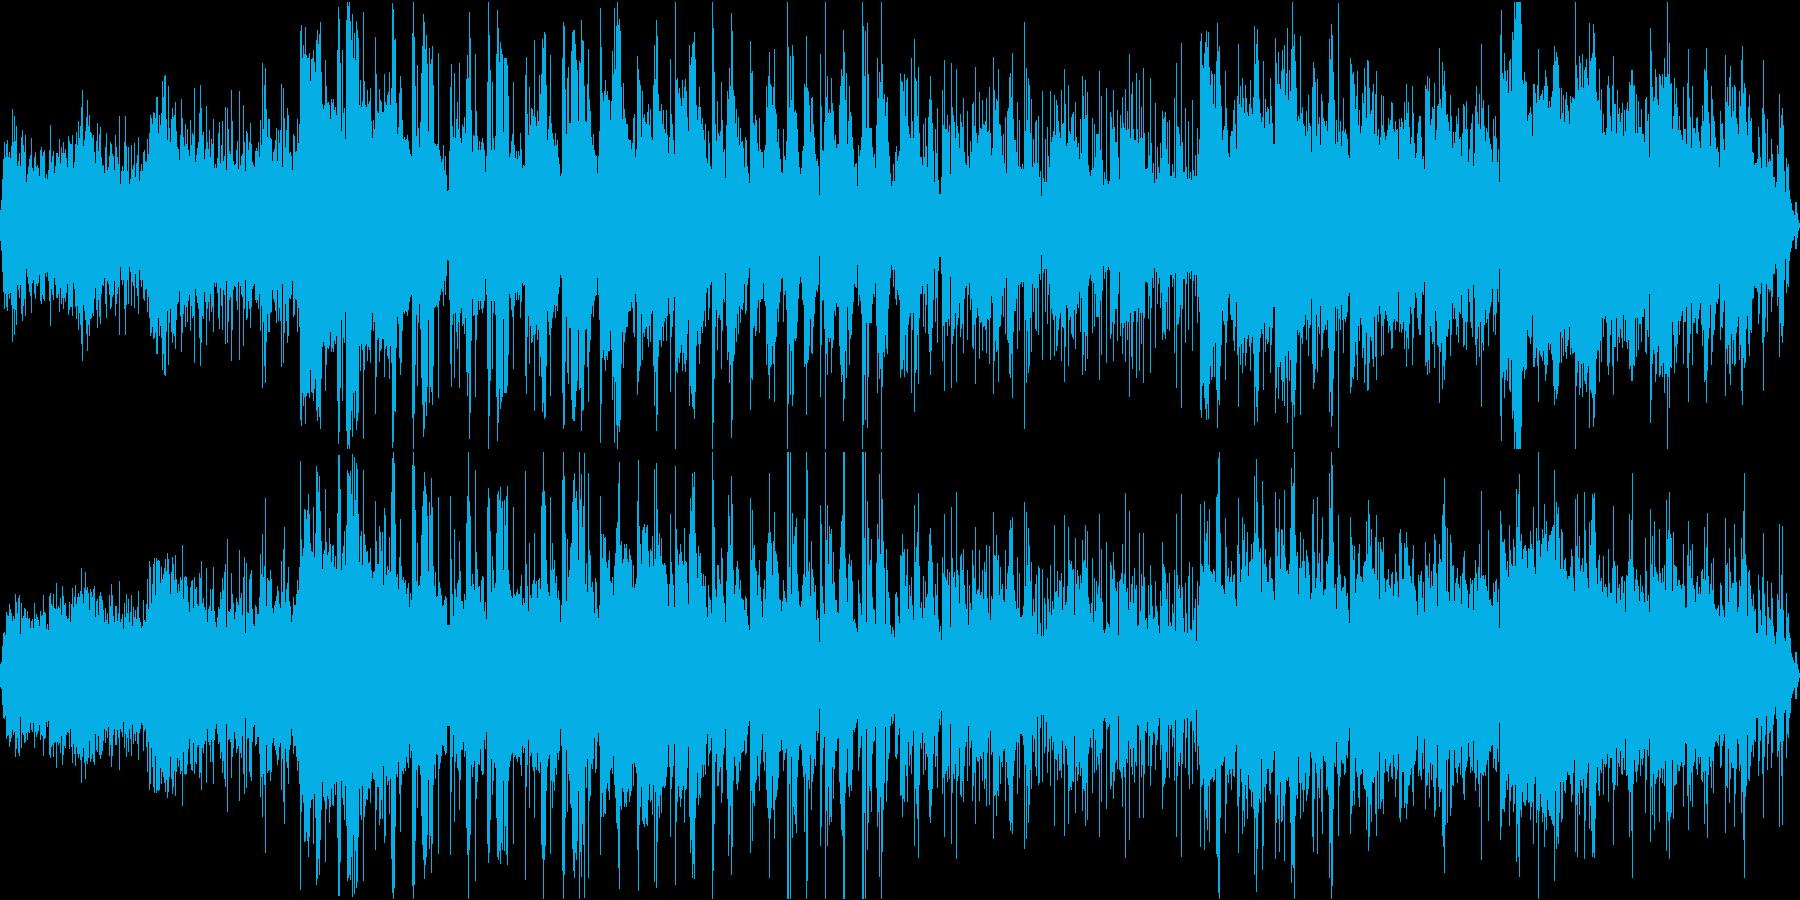 宇宙やSFが合いそうなアンビエントループの再生済みの波形